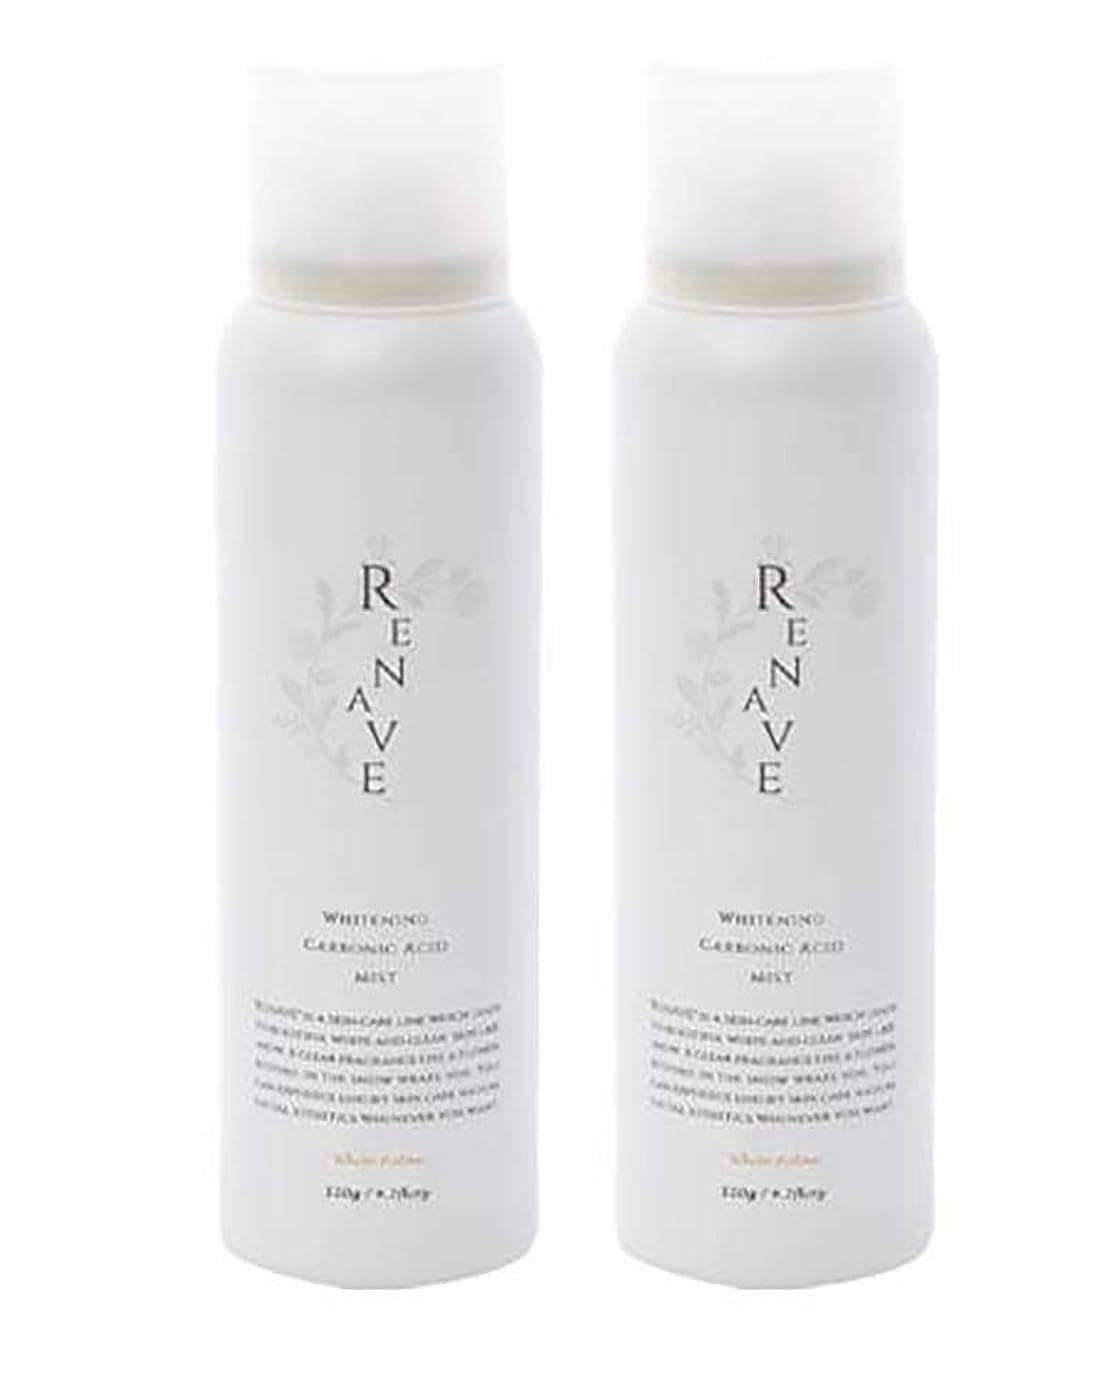 フィドル区別する省略するRENAVE(リネーヴェ) 高濃度炭酸ミスト 薬用美白化粧水 120ml 2本セット